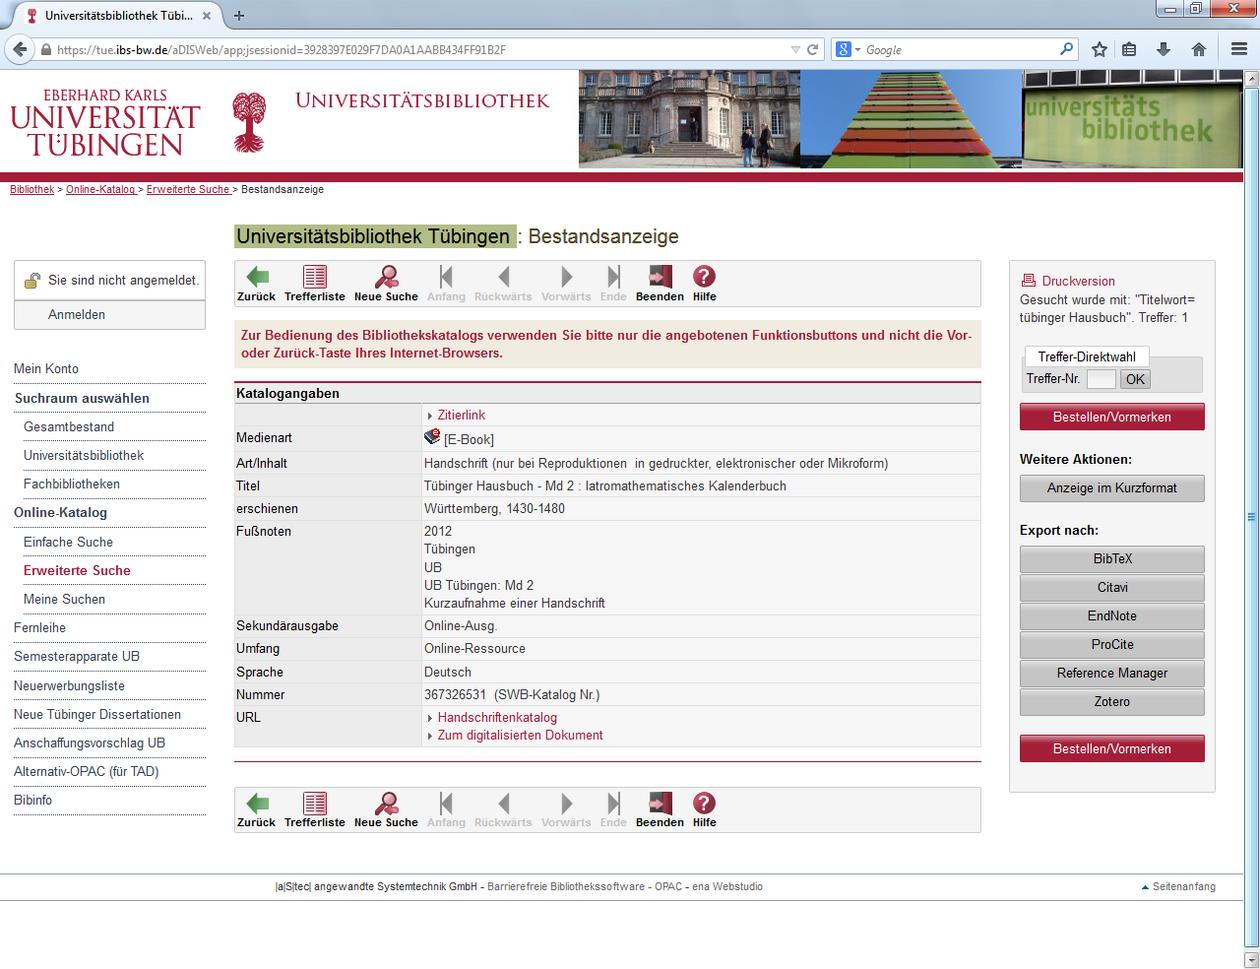 Vorlesungsverzeichnis Uni Tübingen